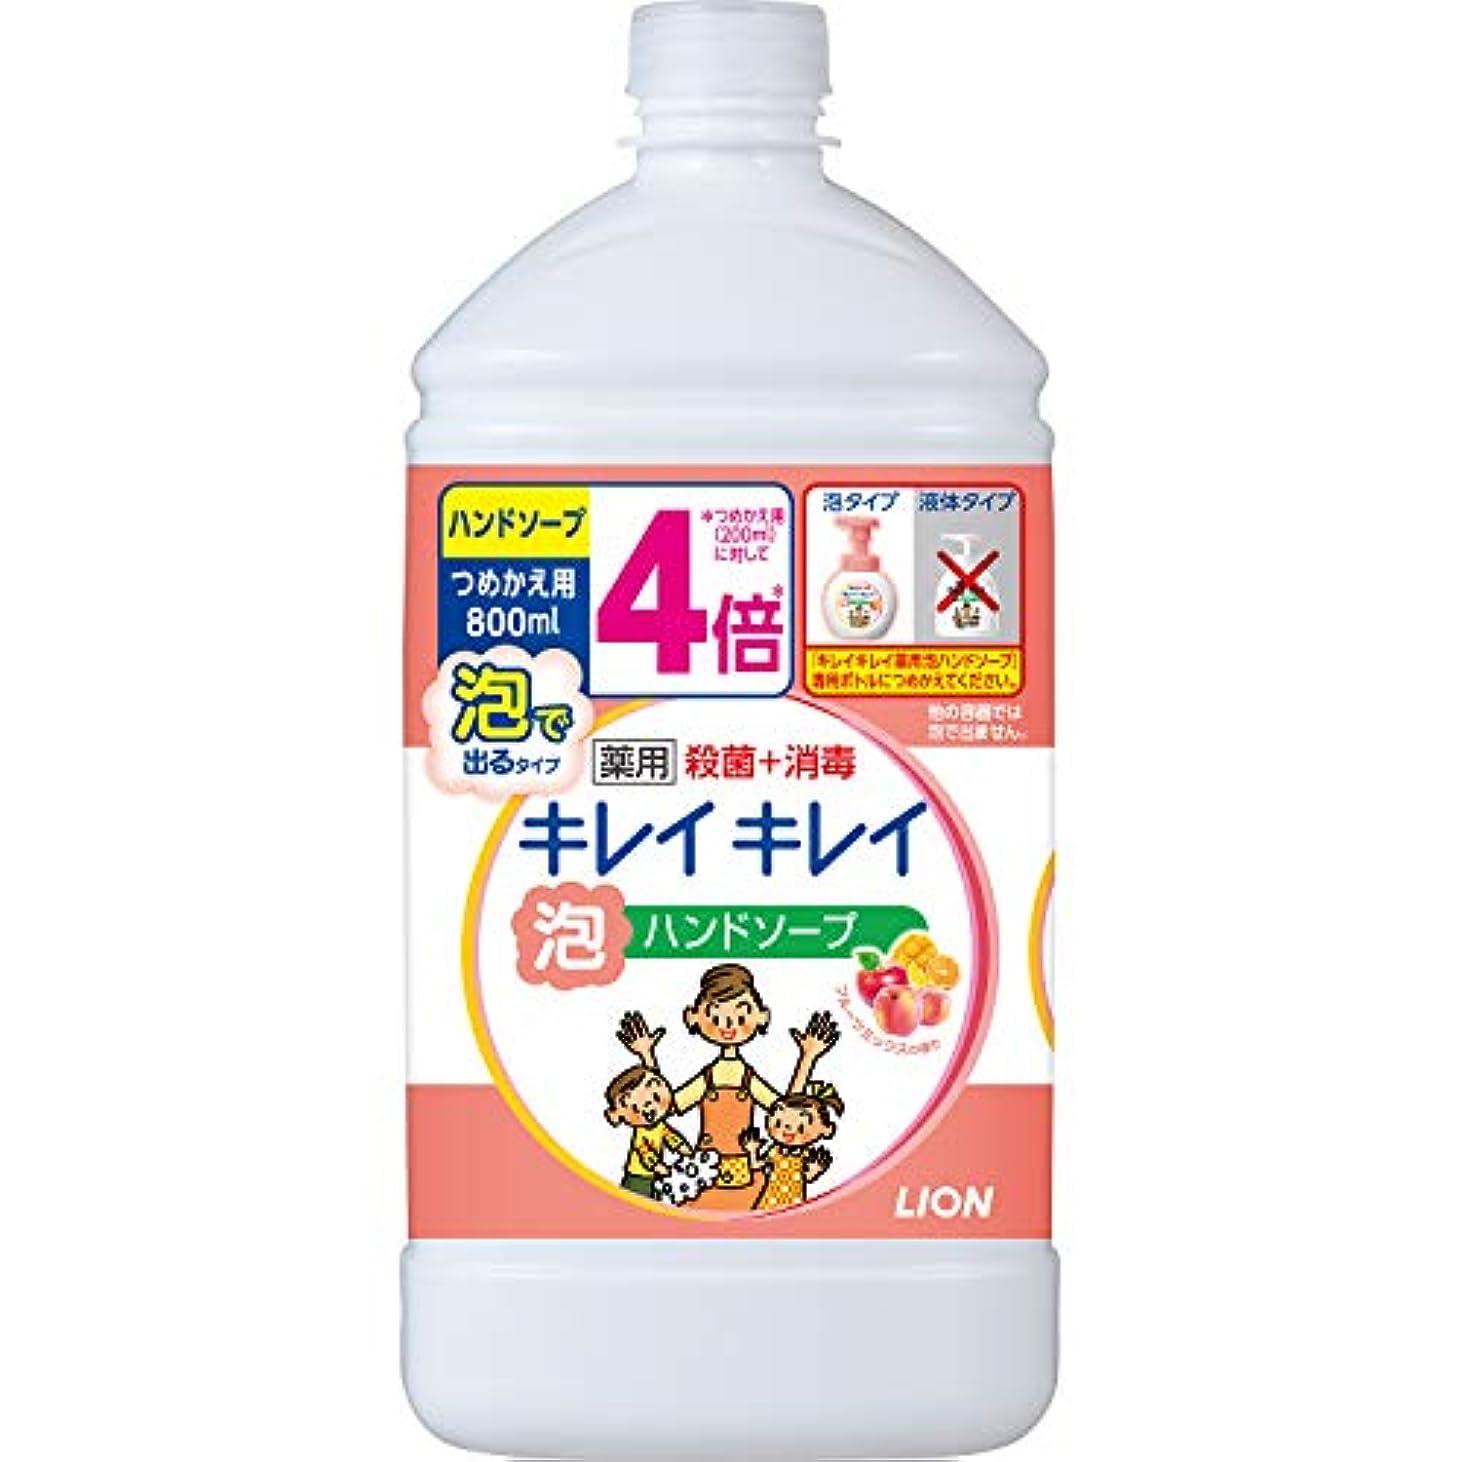 あえてゴルフ扇動(医薬部外品)【大容量】キレイキレイ 薬用 泡ハンドソープ フルーツミックスの香り 詰替特大 800ml